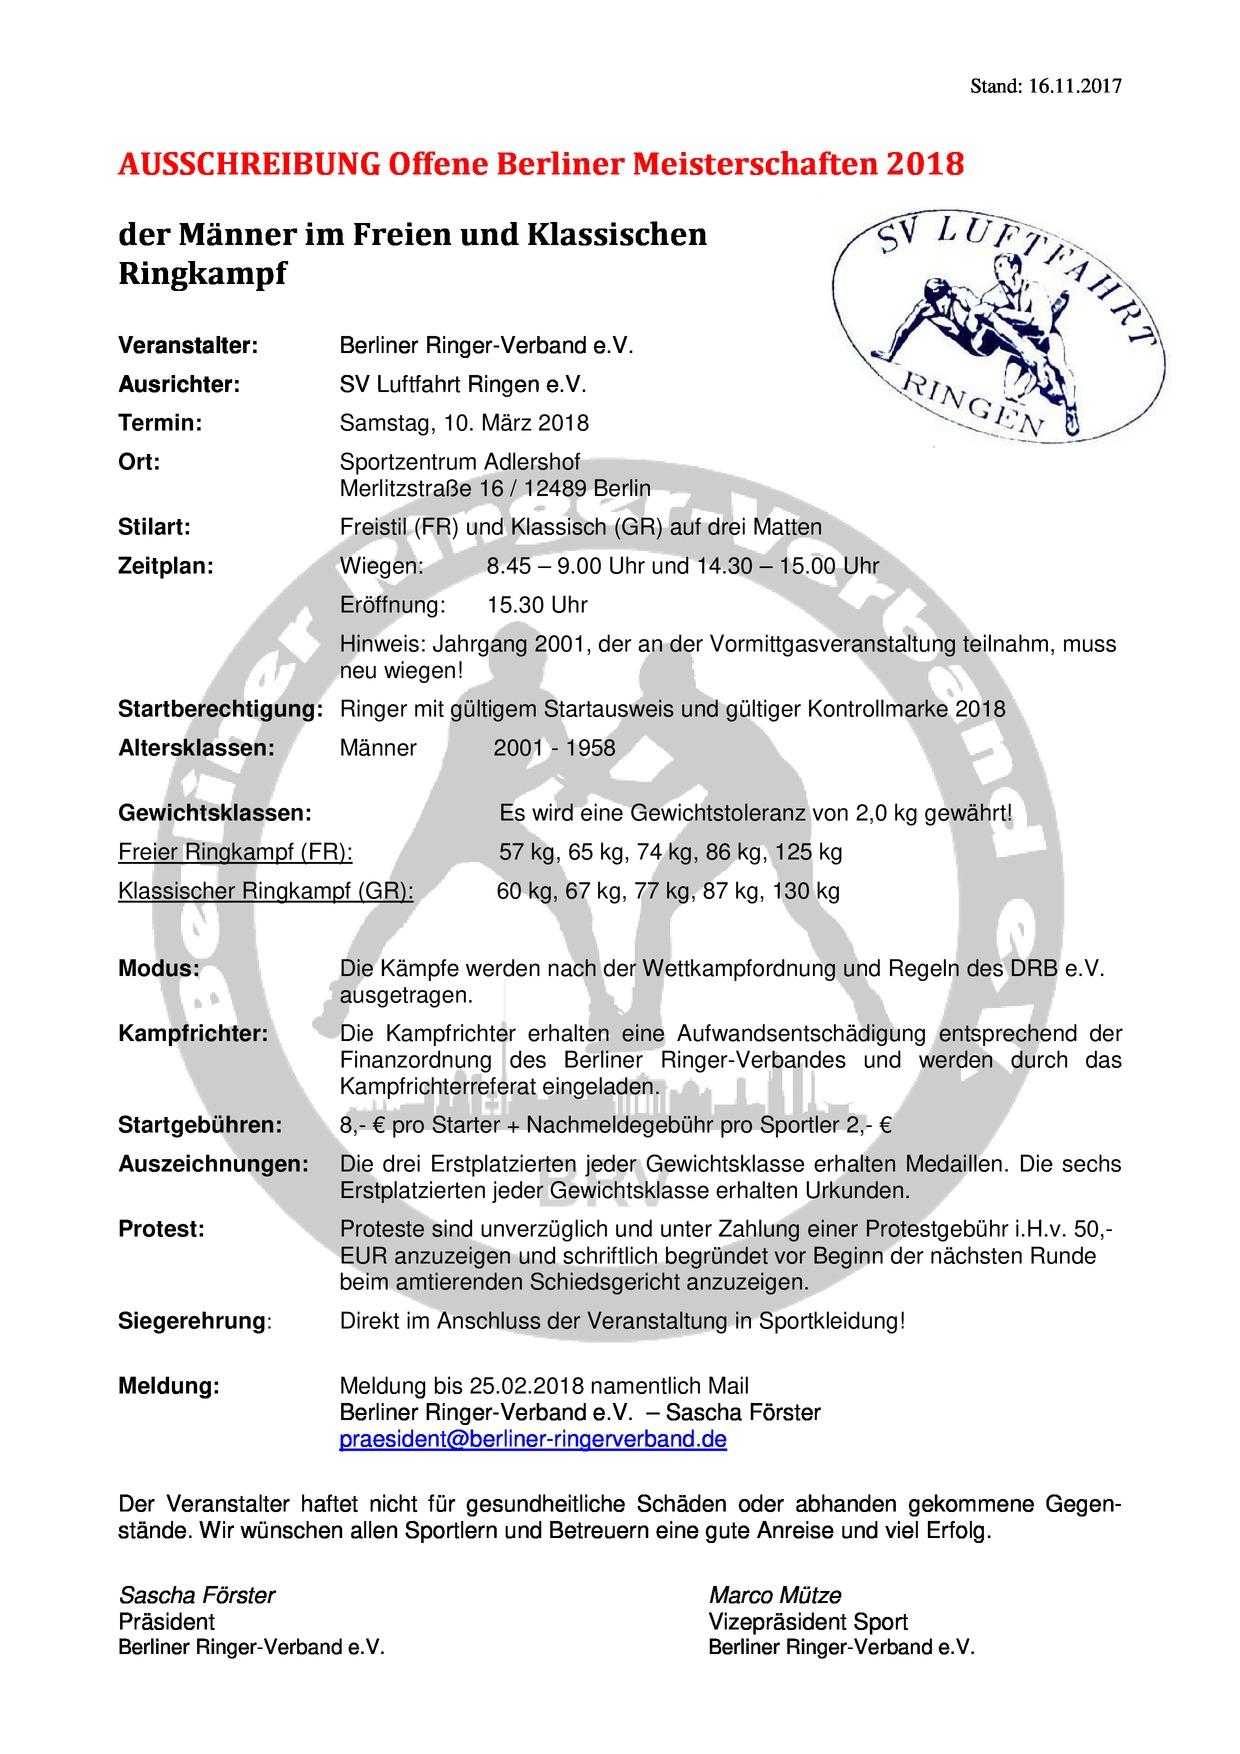 Offene Berliner Meisterschaft 2018 Männer FR + GR